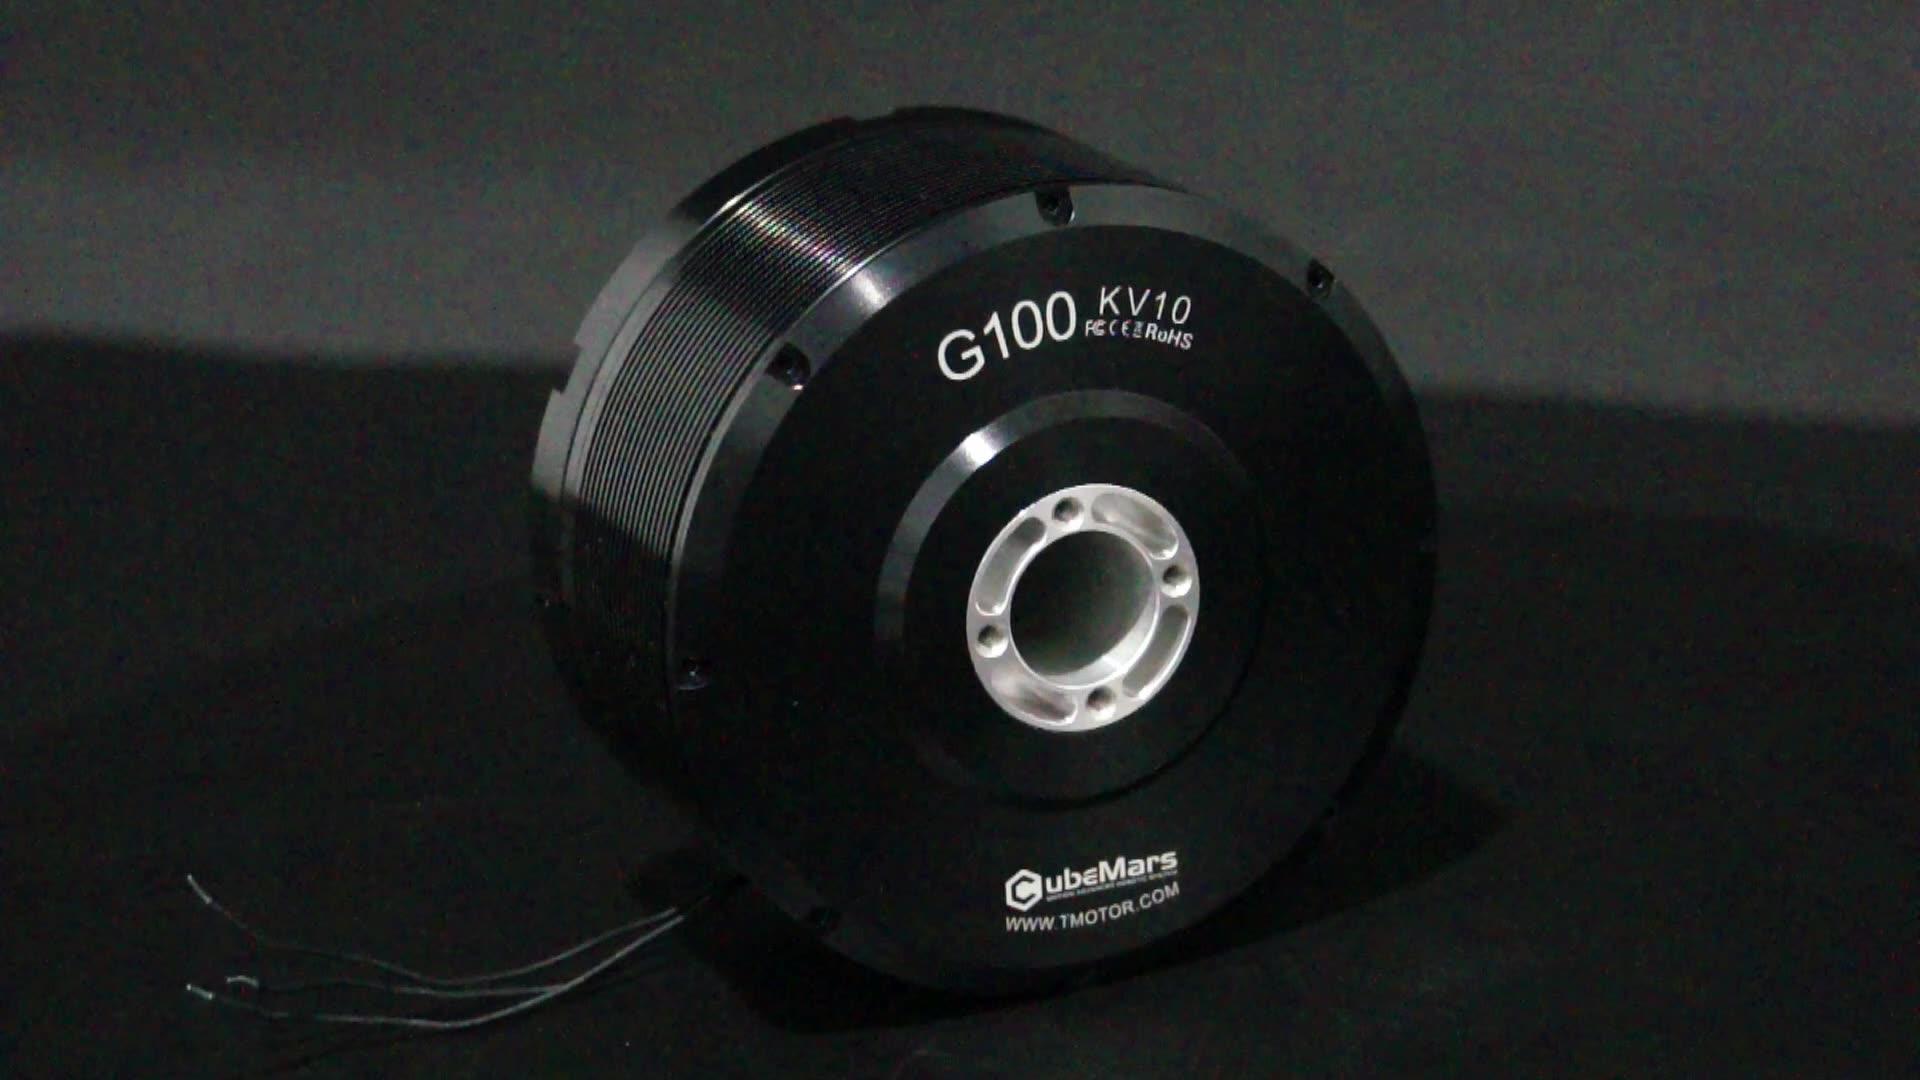 T-MOTOR G100 KV10 fırçasız dc motor 24V motor LIDAR mini motor için içi boş mil ile Gimbal sistemi